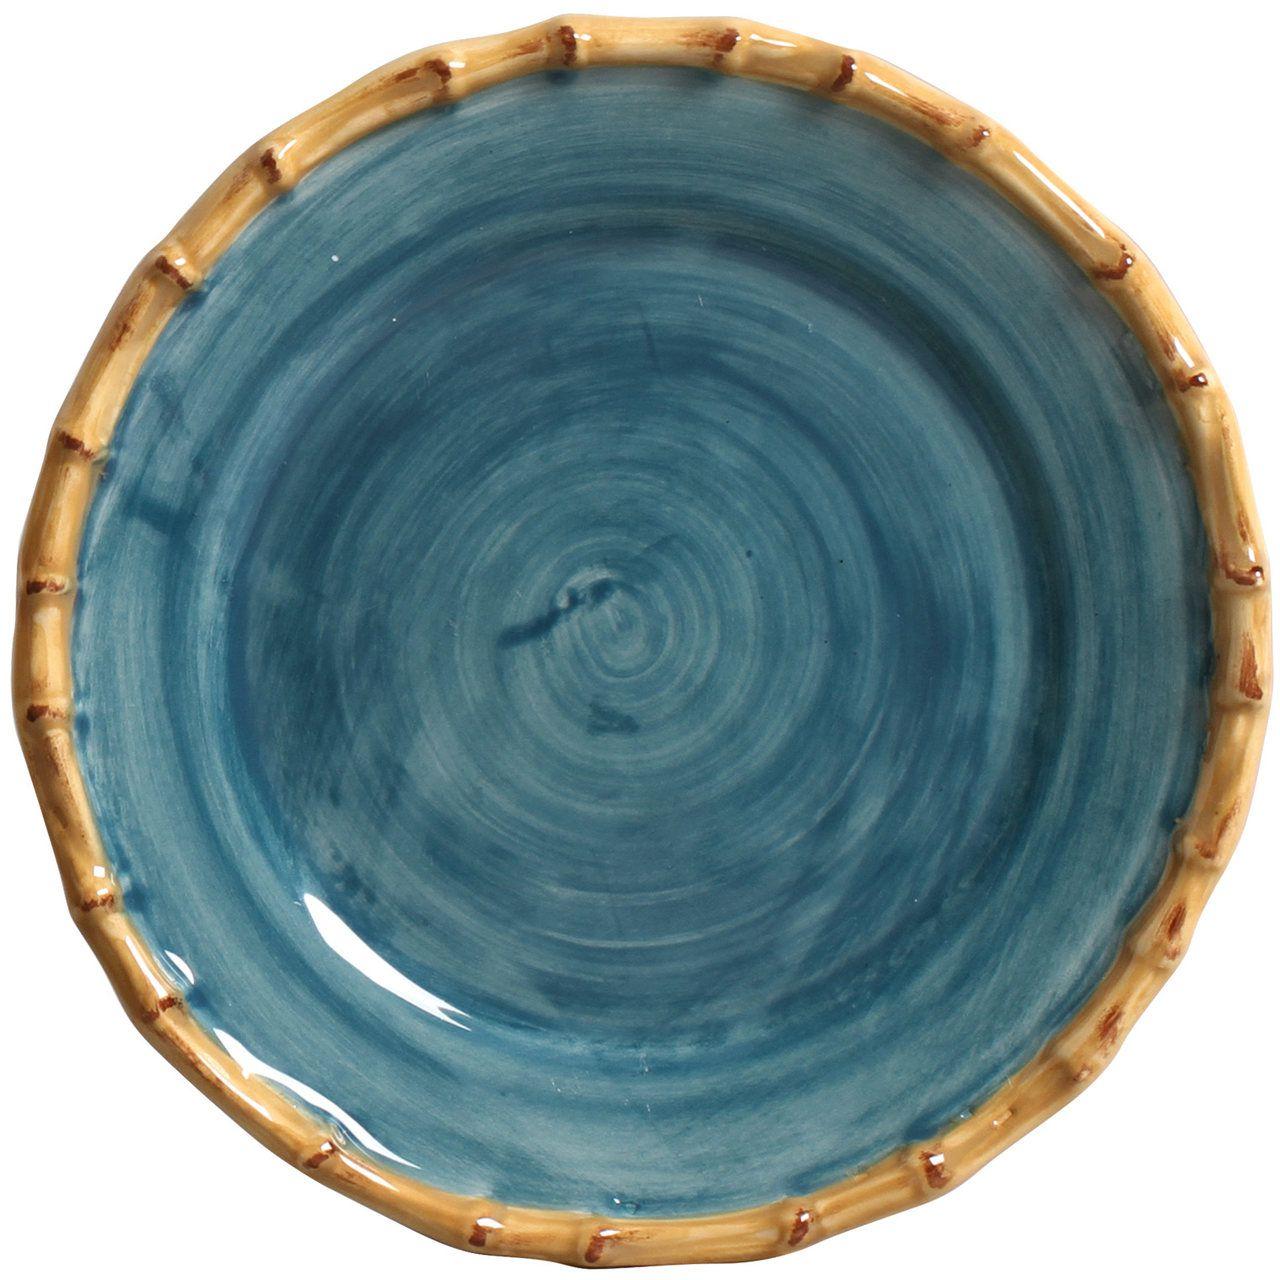 Prato Sobremesa Pintado a Mão Azul (06 Unidades) - MB